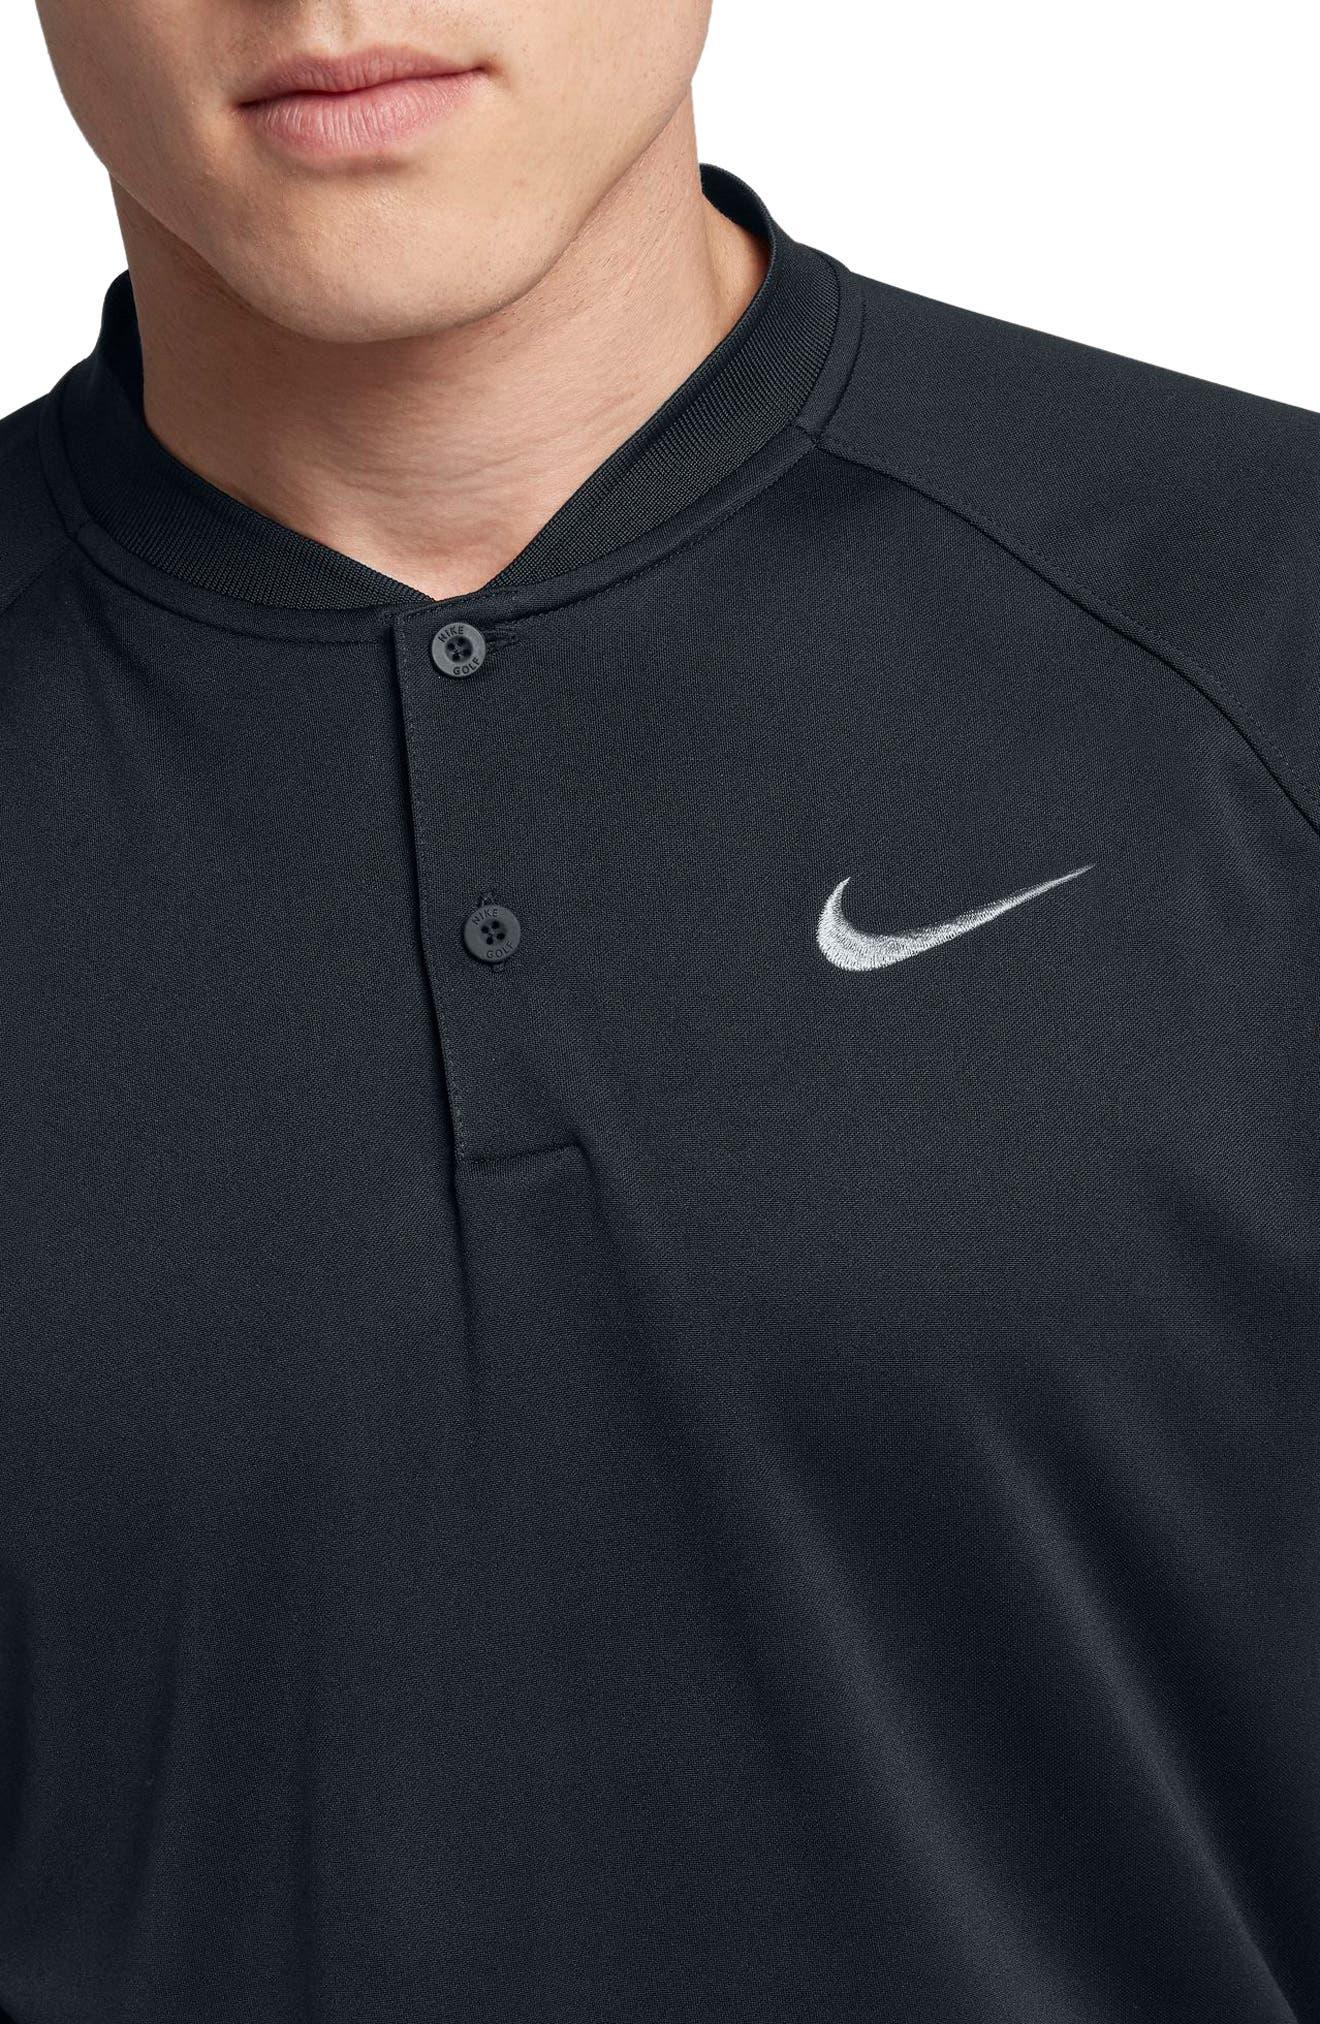 Dry Momentum Golf Polo,                             Alternate thumbnail 4, color,                             BLACK/ BLACK/ GUNSMOKE